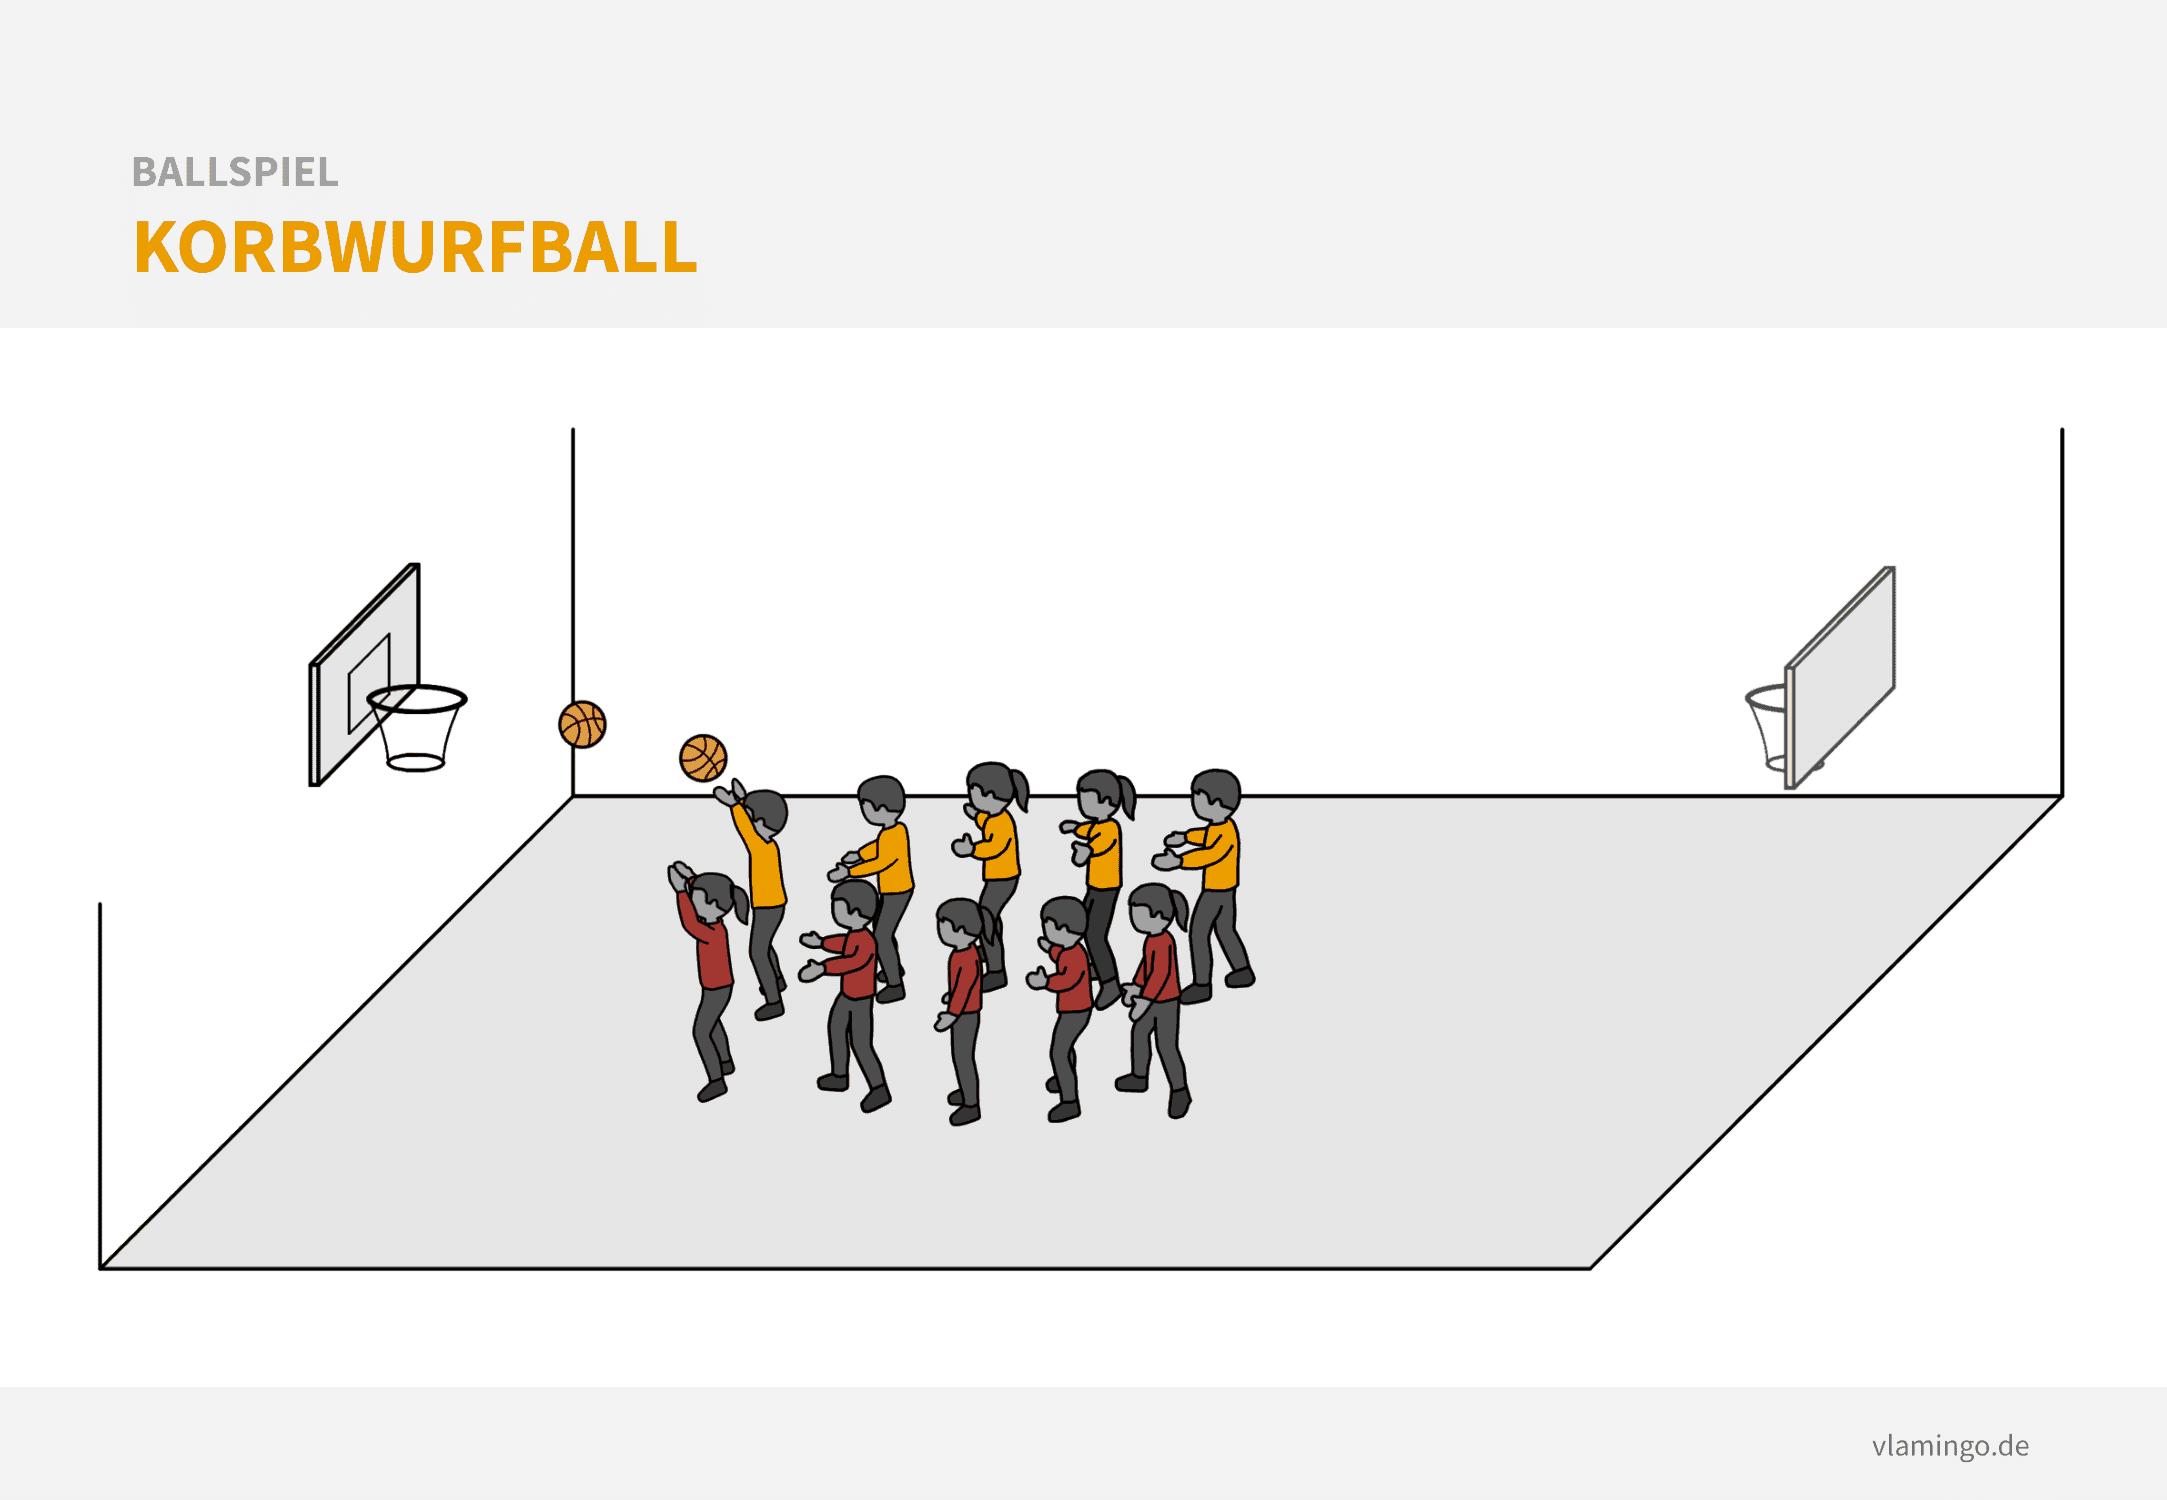 Ballspiel: Korbwurfball